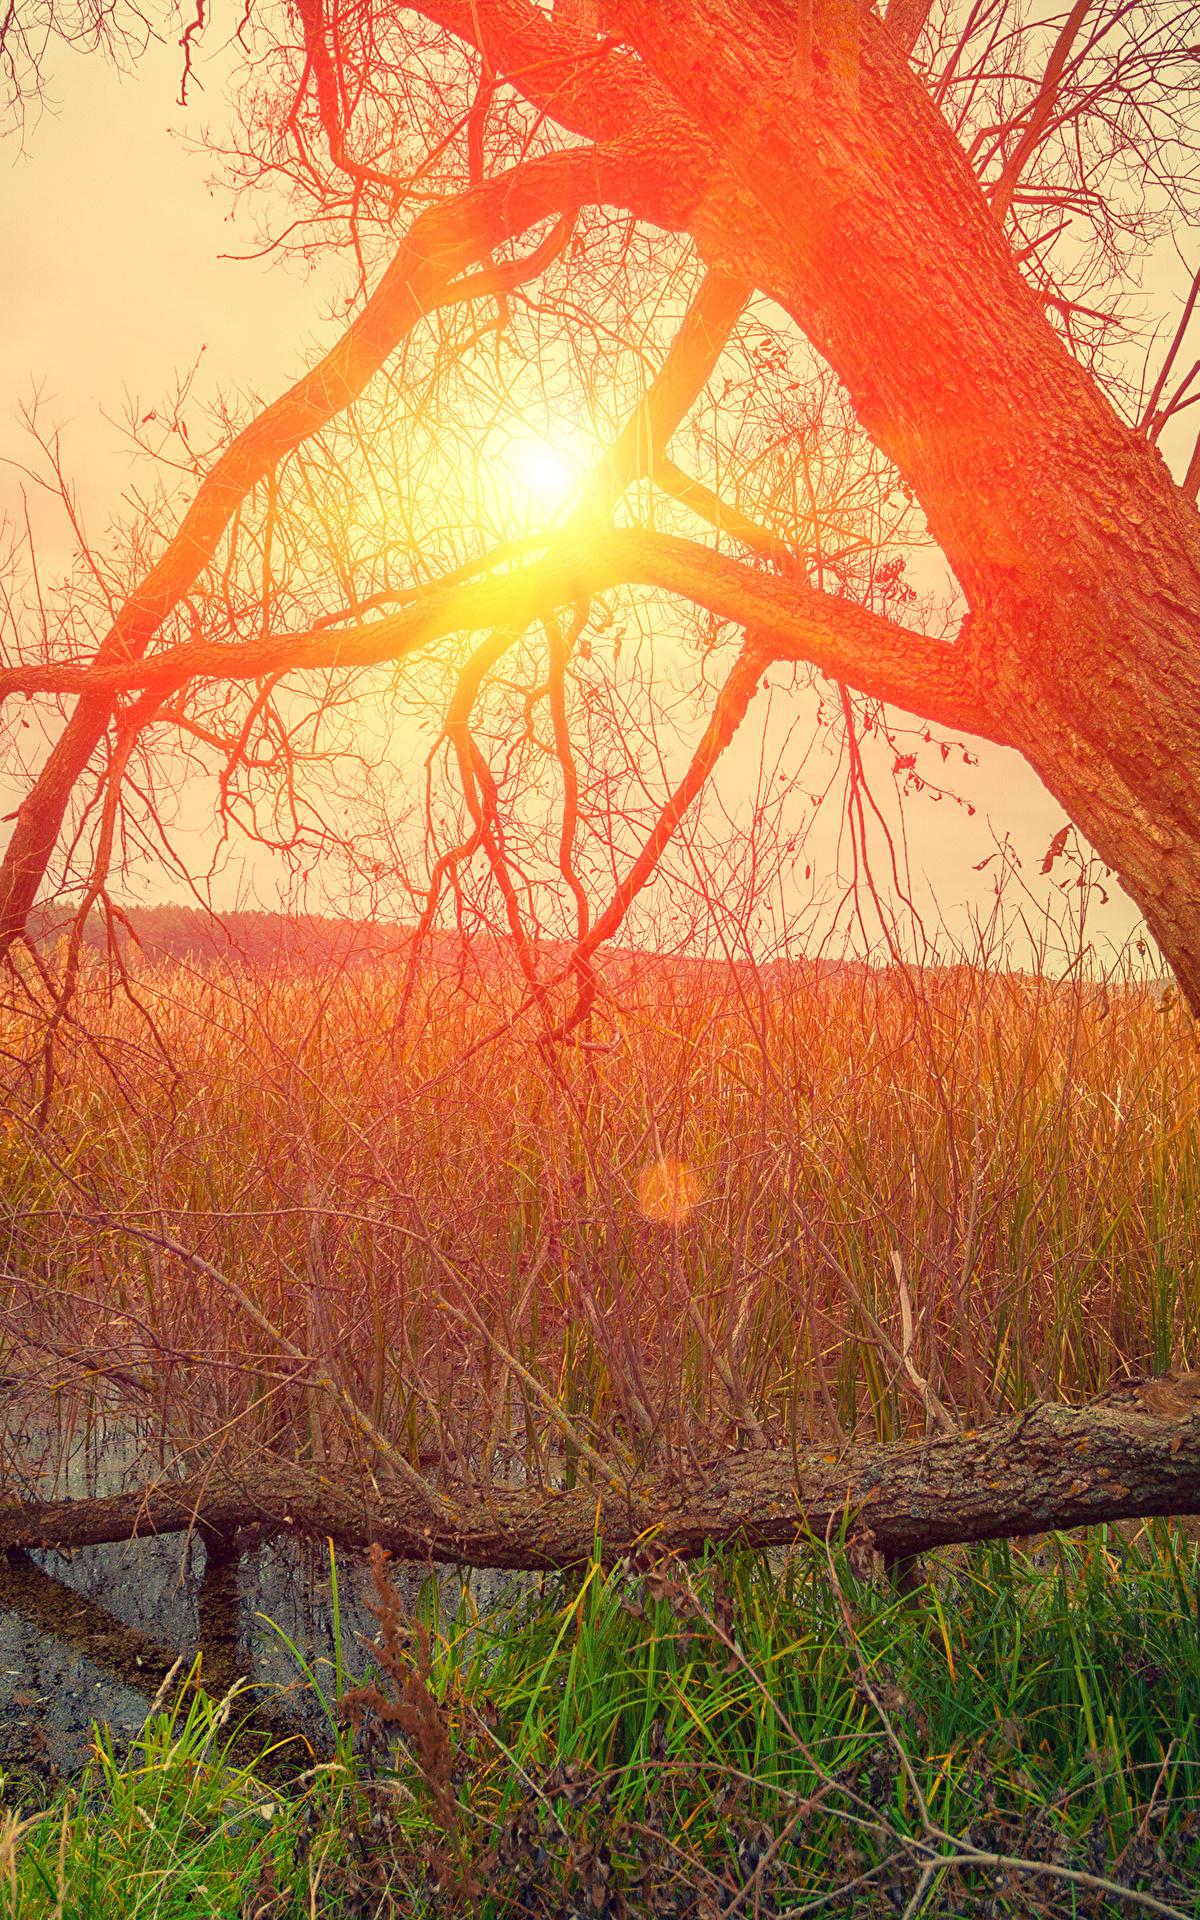 Hintergrundbilder Natur Sonne Sumpf Baumstamm Sonnenaufgänge und Sonnenuntergänge Gras 1200x1920